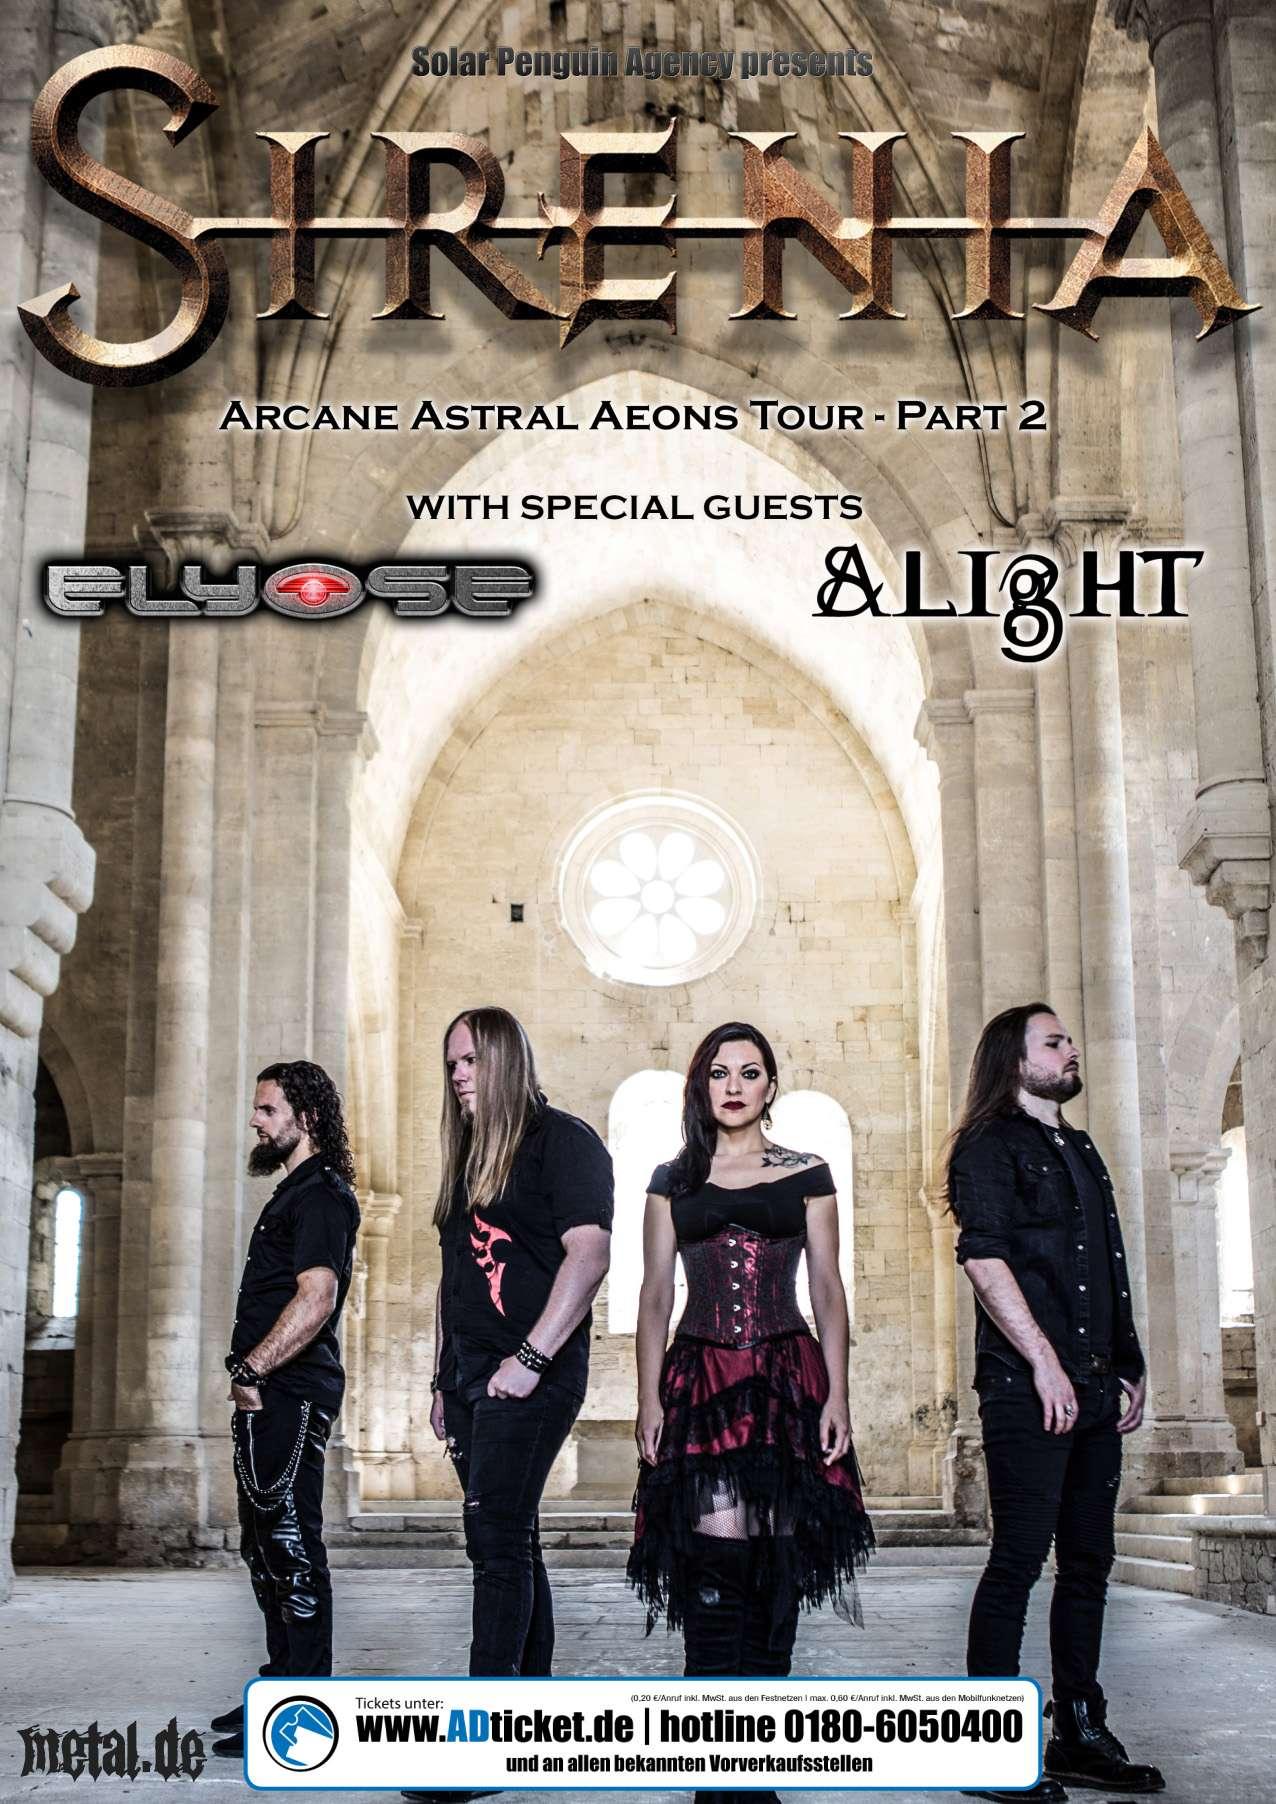 Sirenia - Arcane Astral Aeons Tour 2019